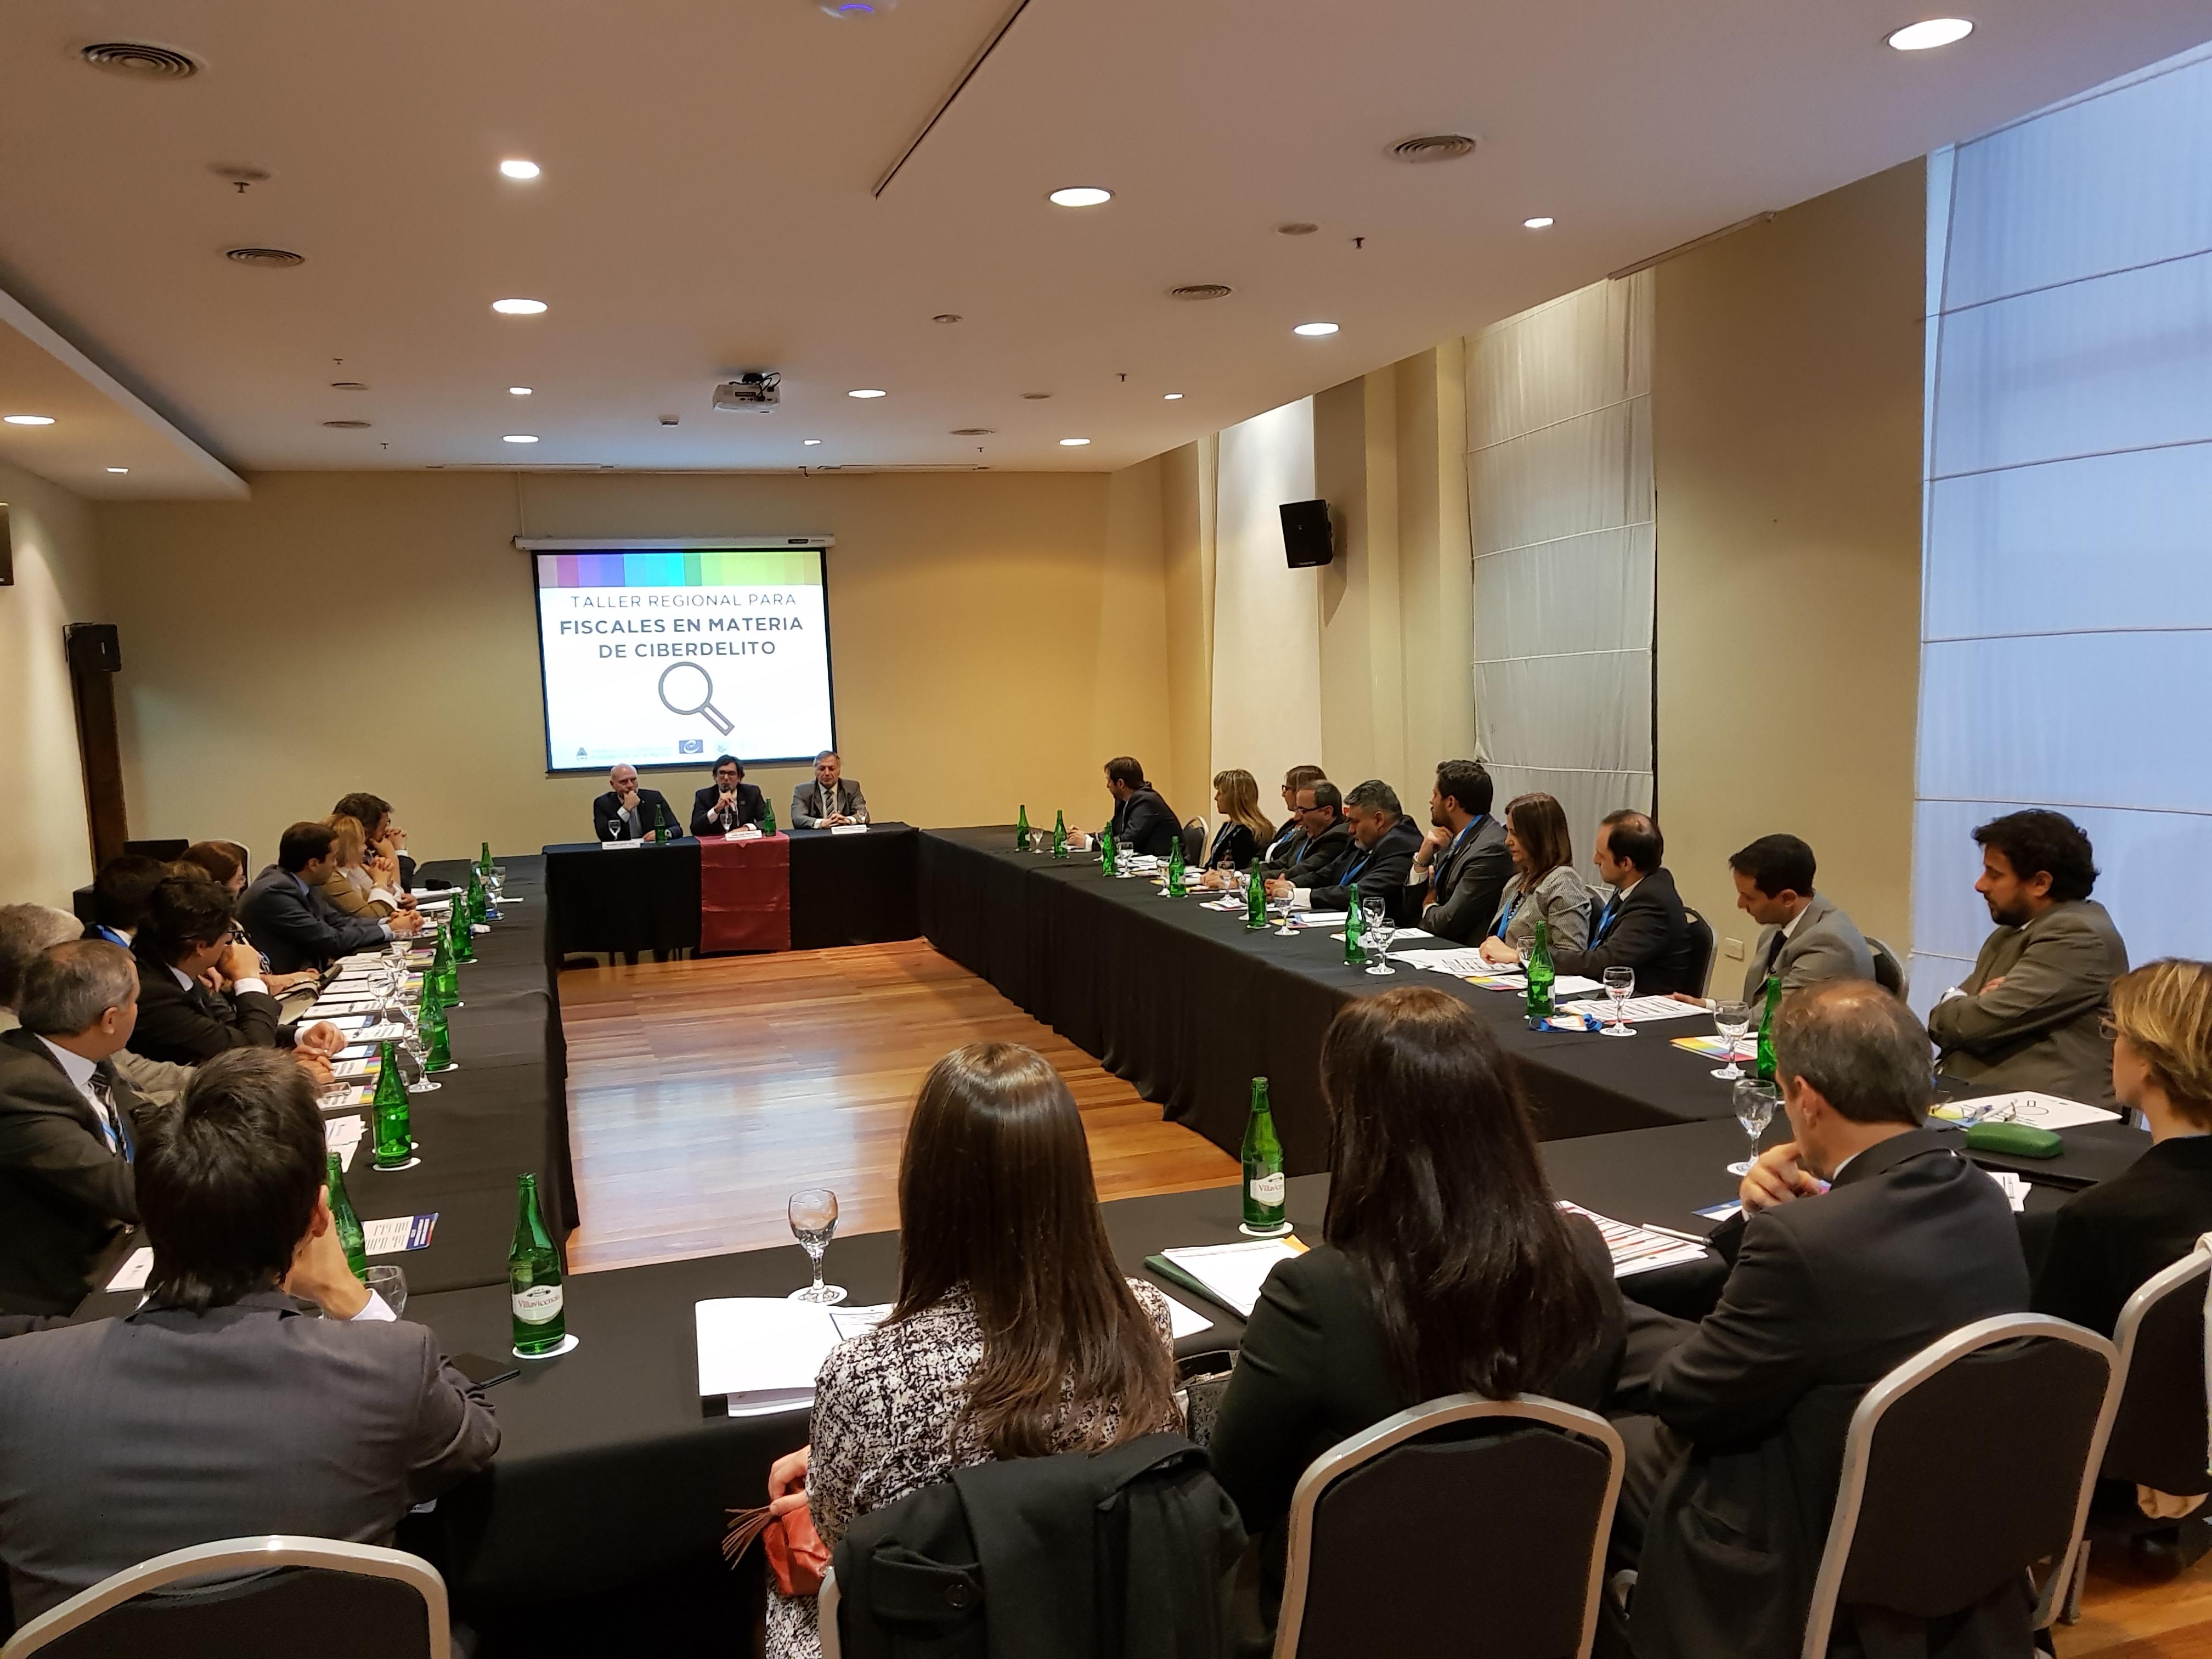 Mendoza: Nación capacita a fiscales y procuradores en materia de ciberdelito